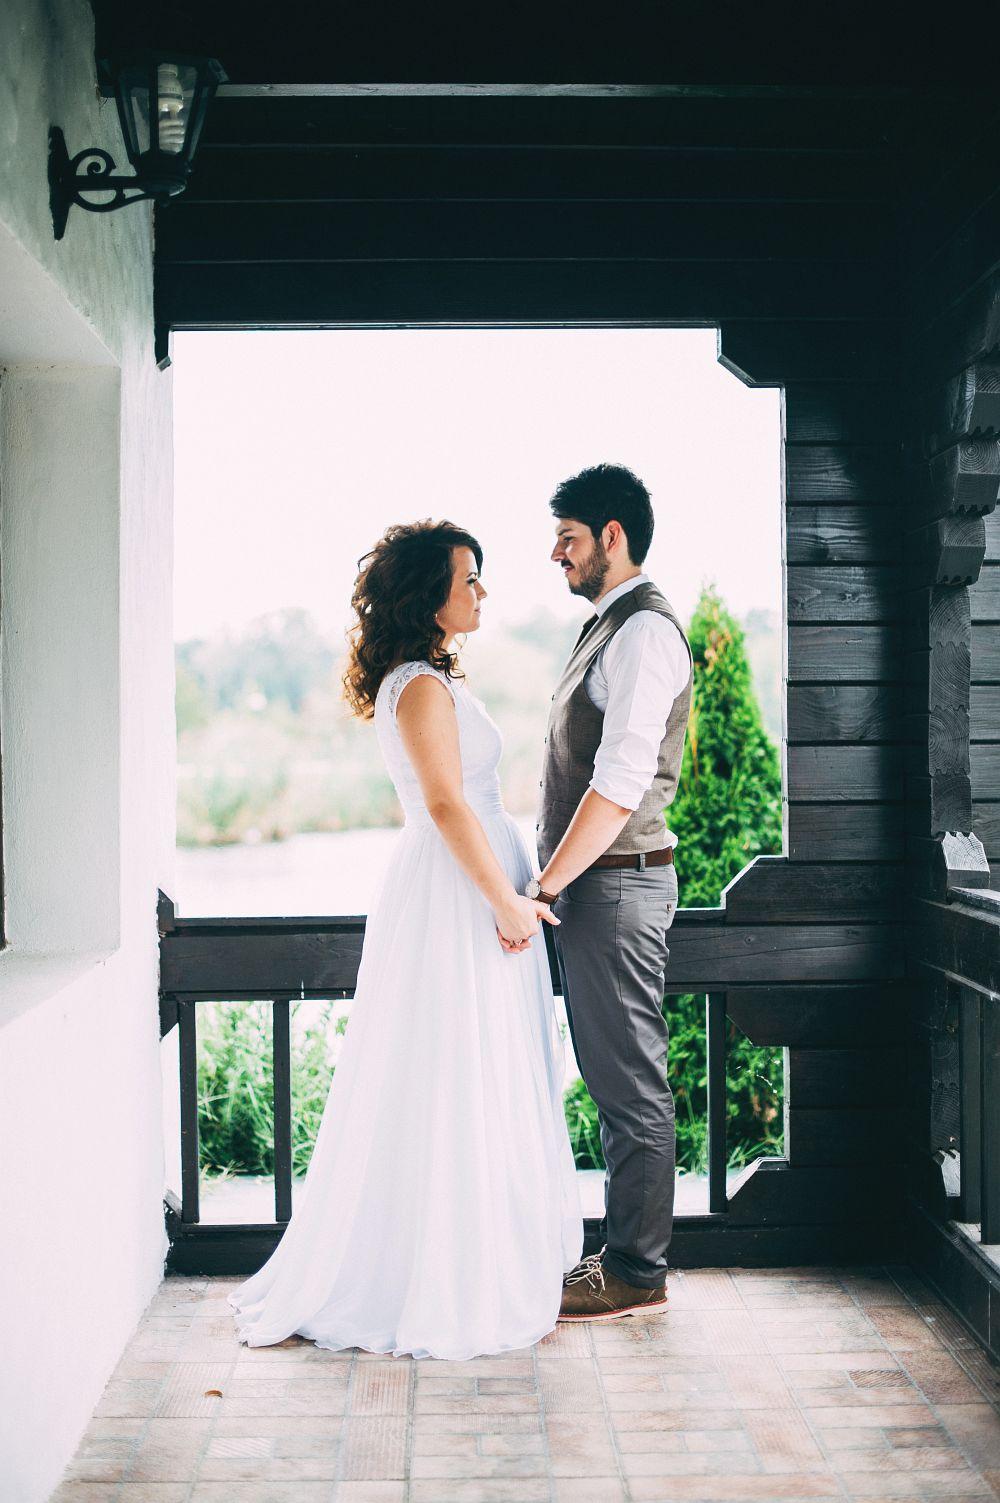 otniel+oana+nunta+casa+comana_172